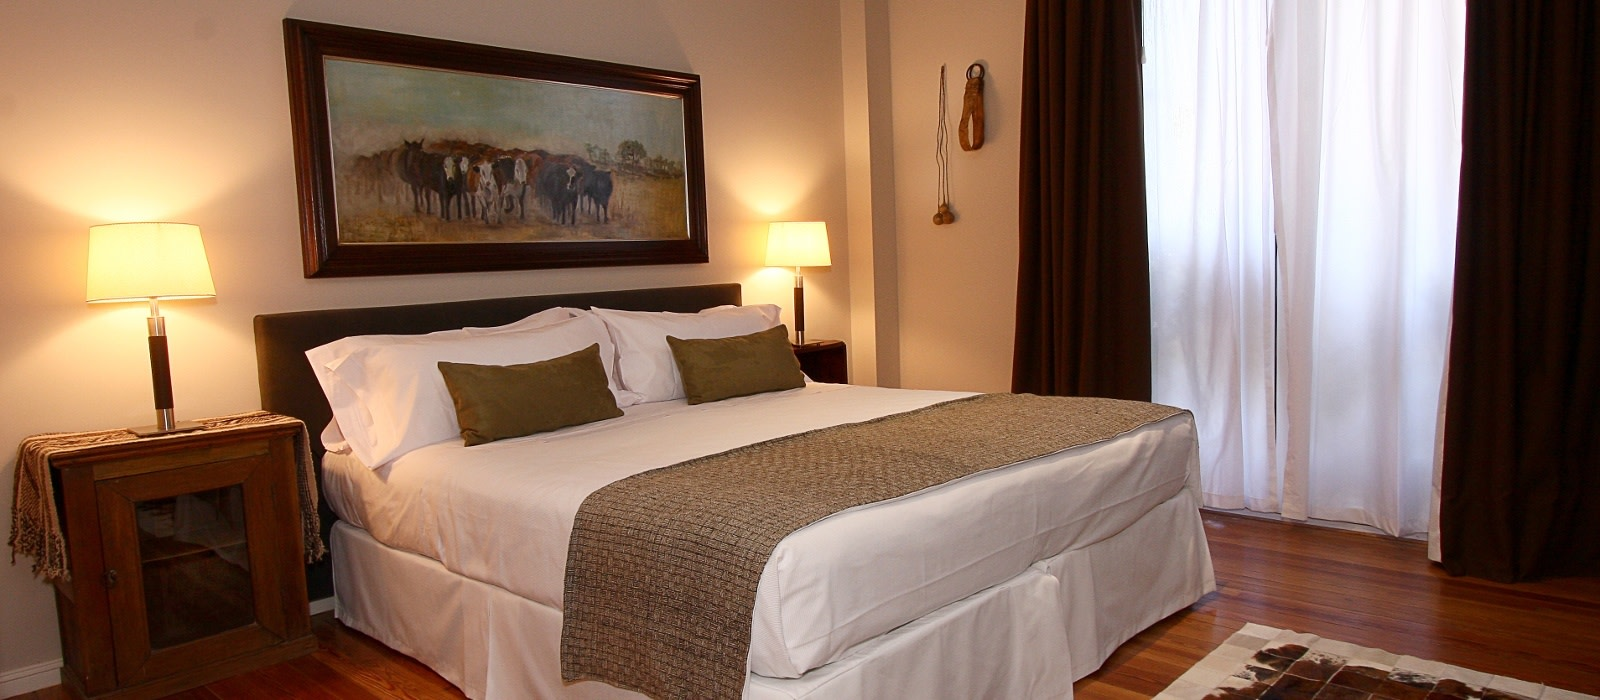 Hotel Legado Mitico Buenos Aires Argentina